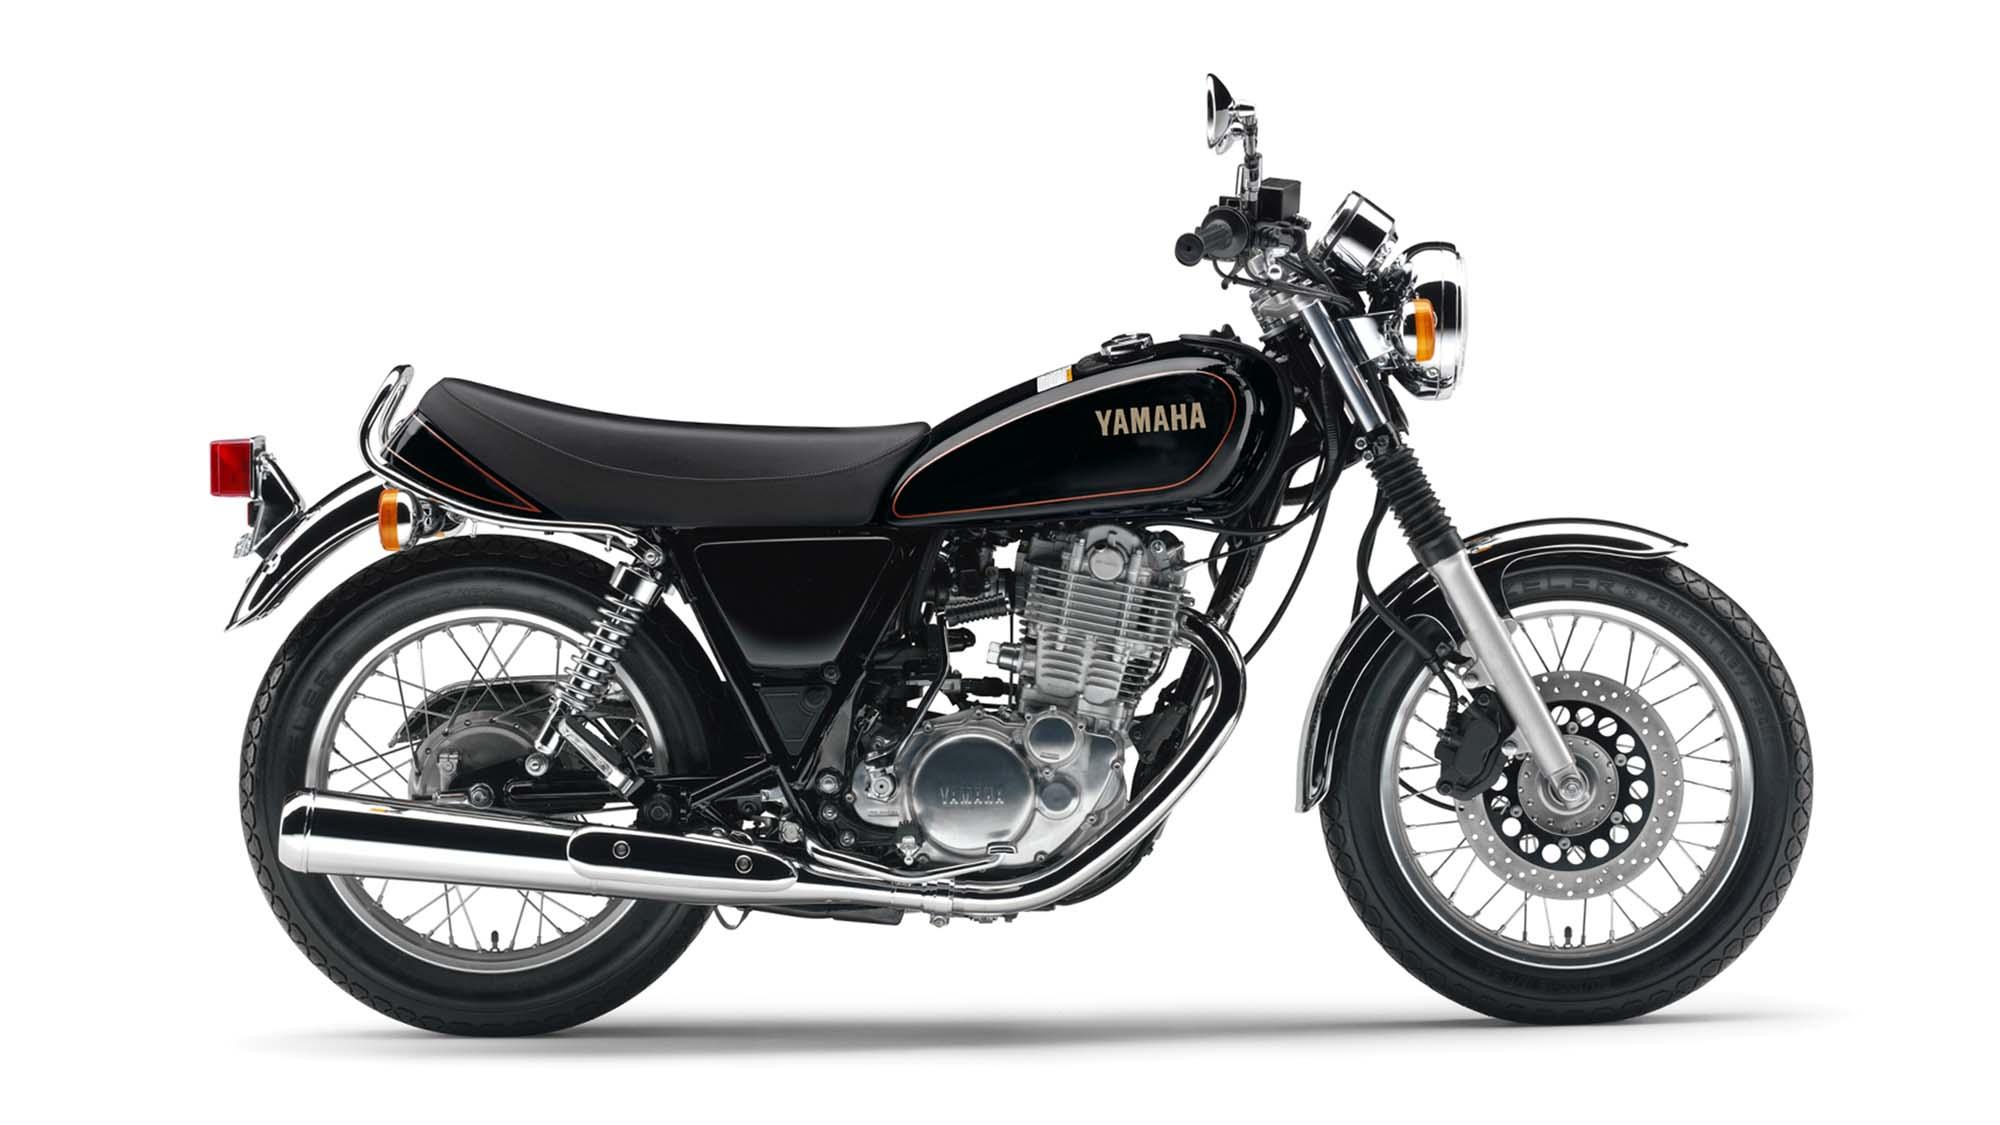 gebrauchte und neue yamaha sr 400 motorr der kaufen. Black Bedroom Furniture Sets. Home Design Ideas